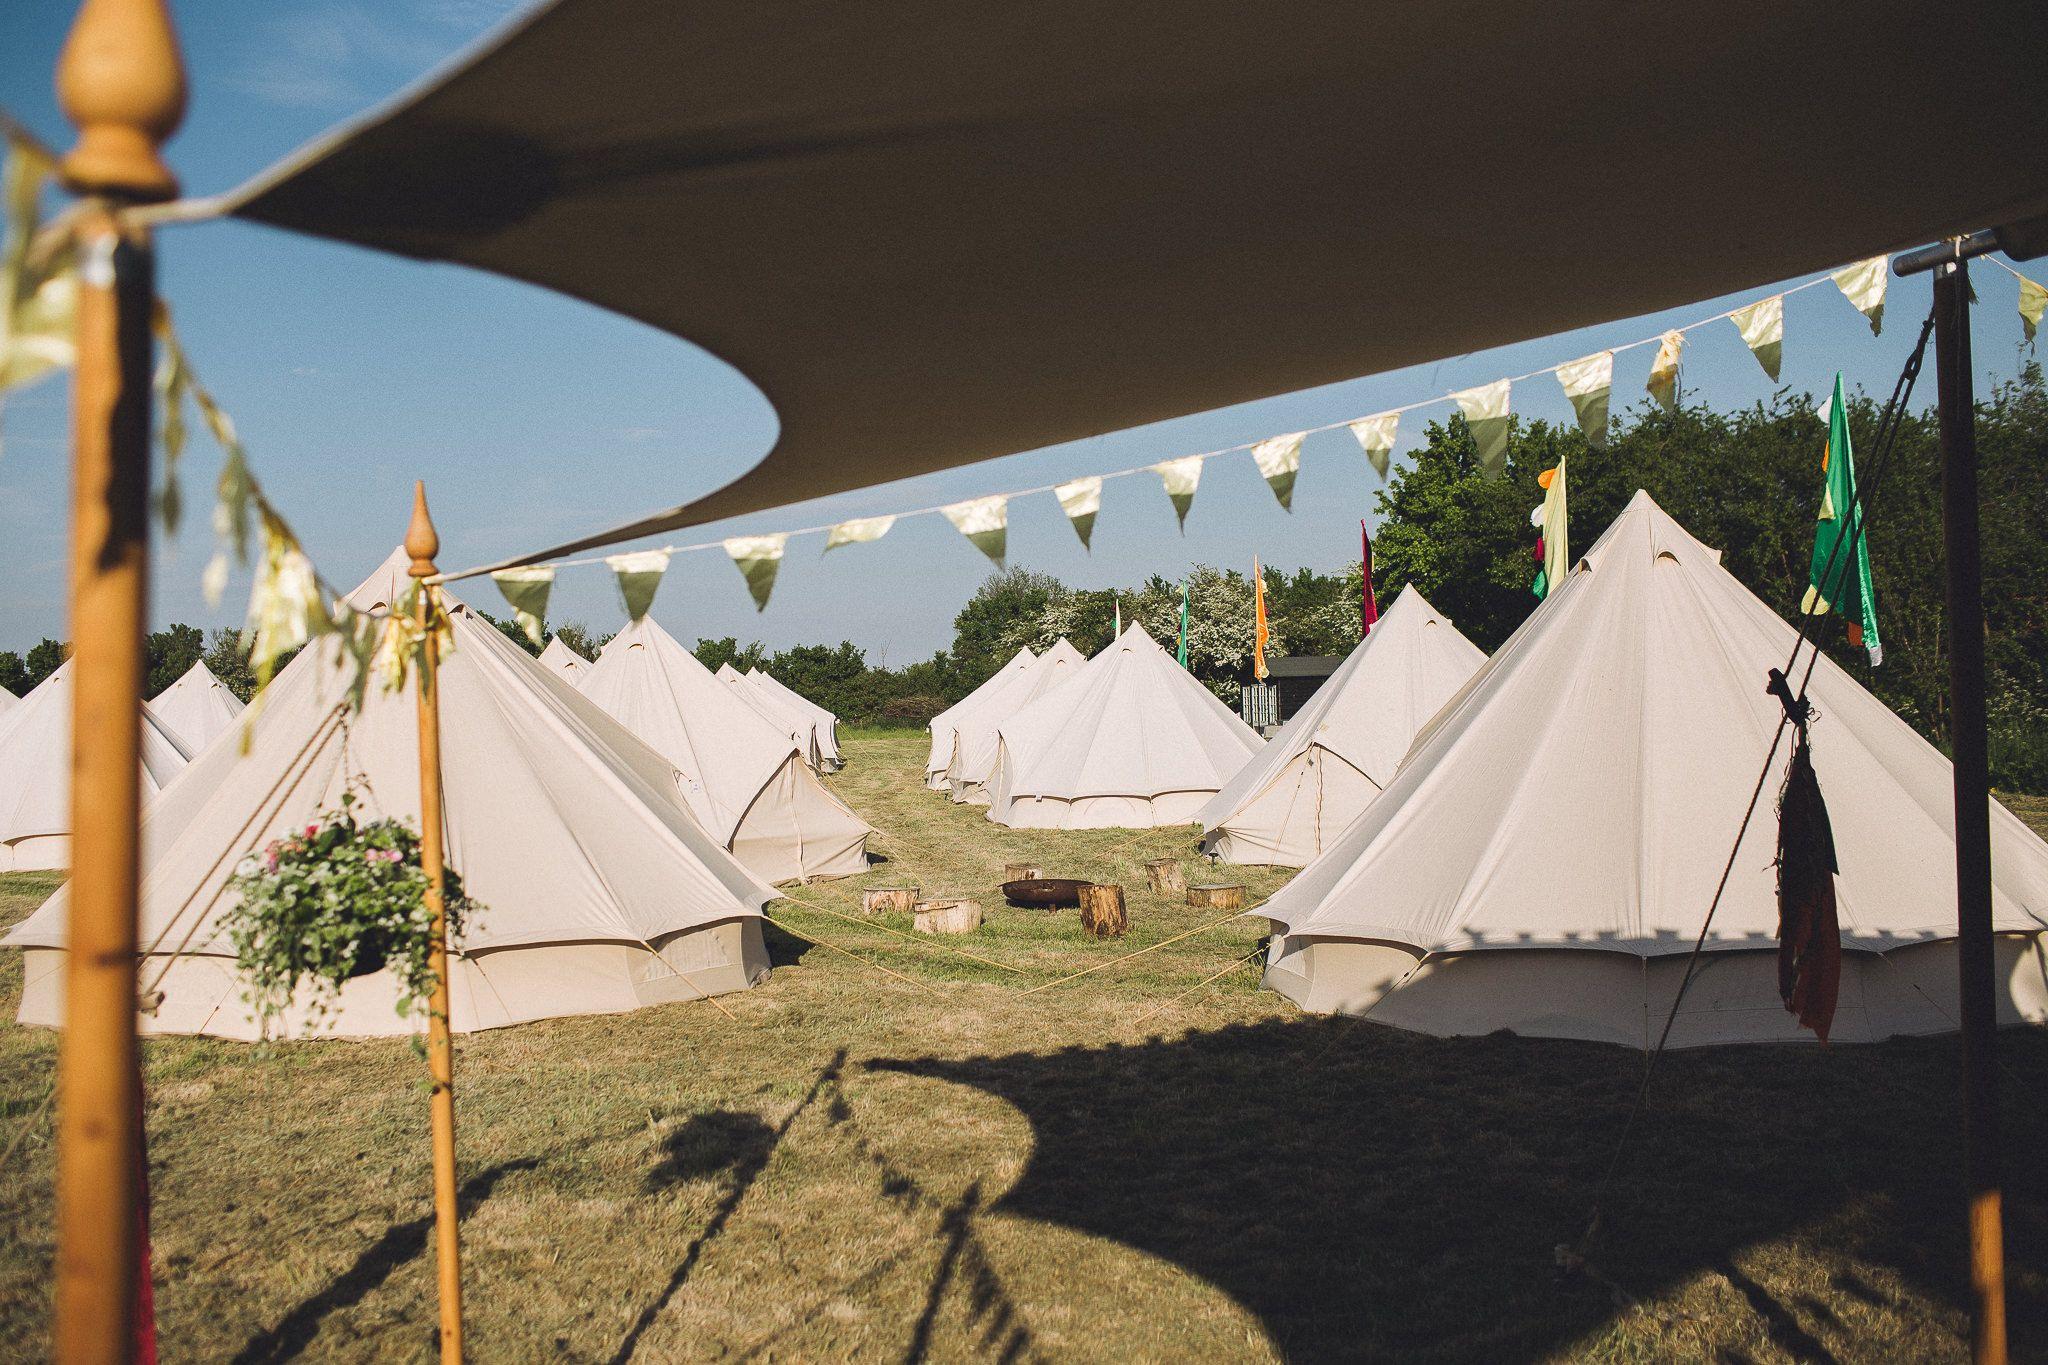 Camping At Osea Island Camping Glamping Oseaisland Private Island Glamping Island Outdoor Gear